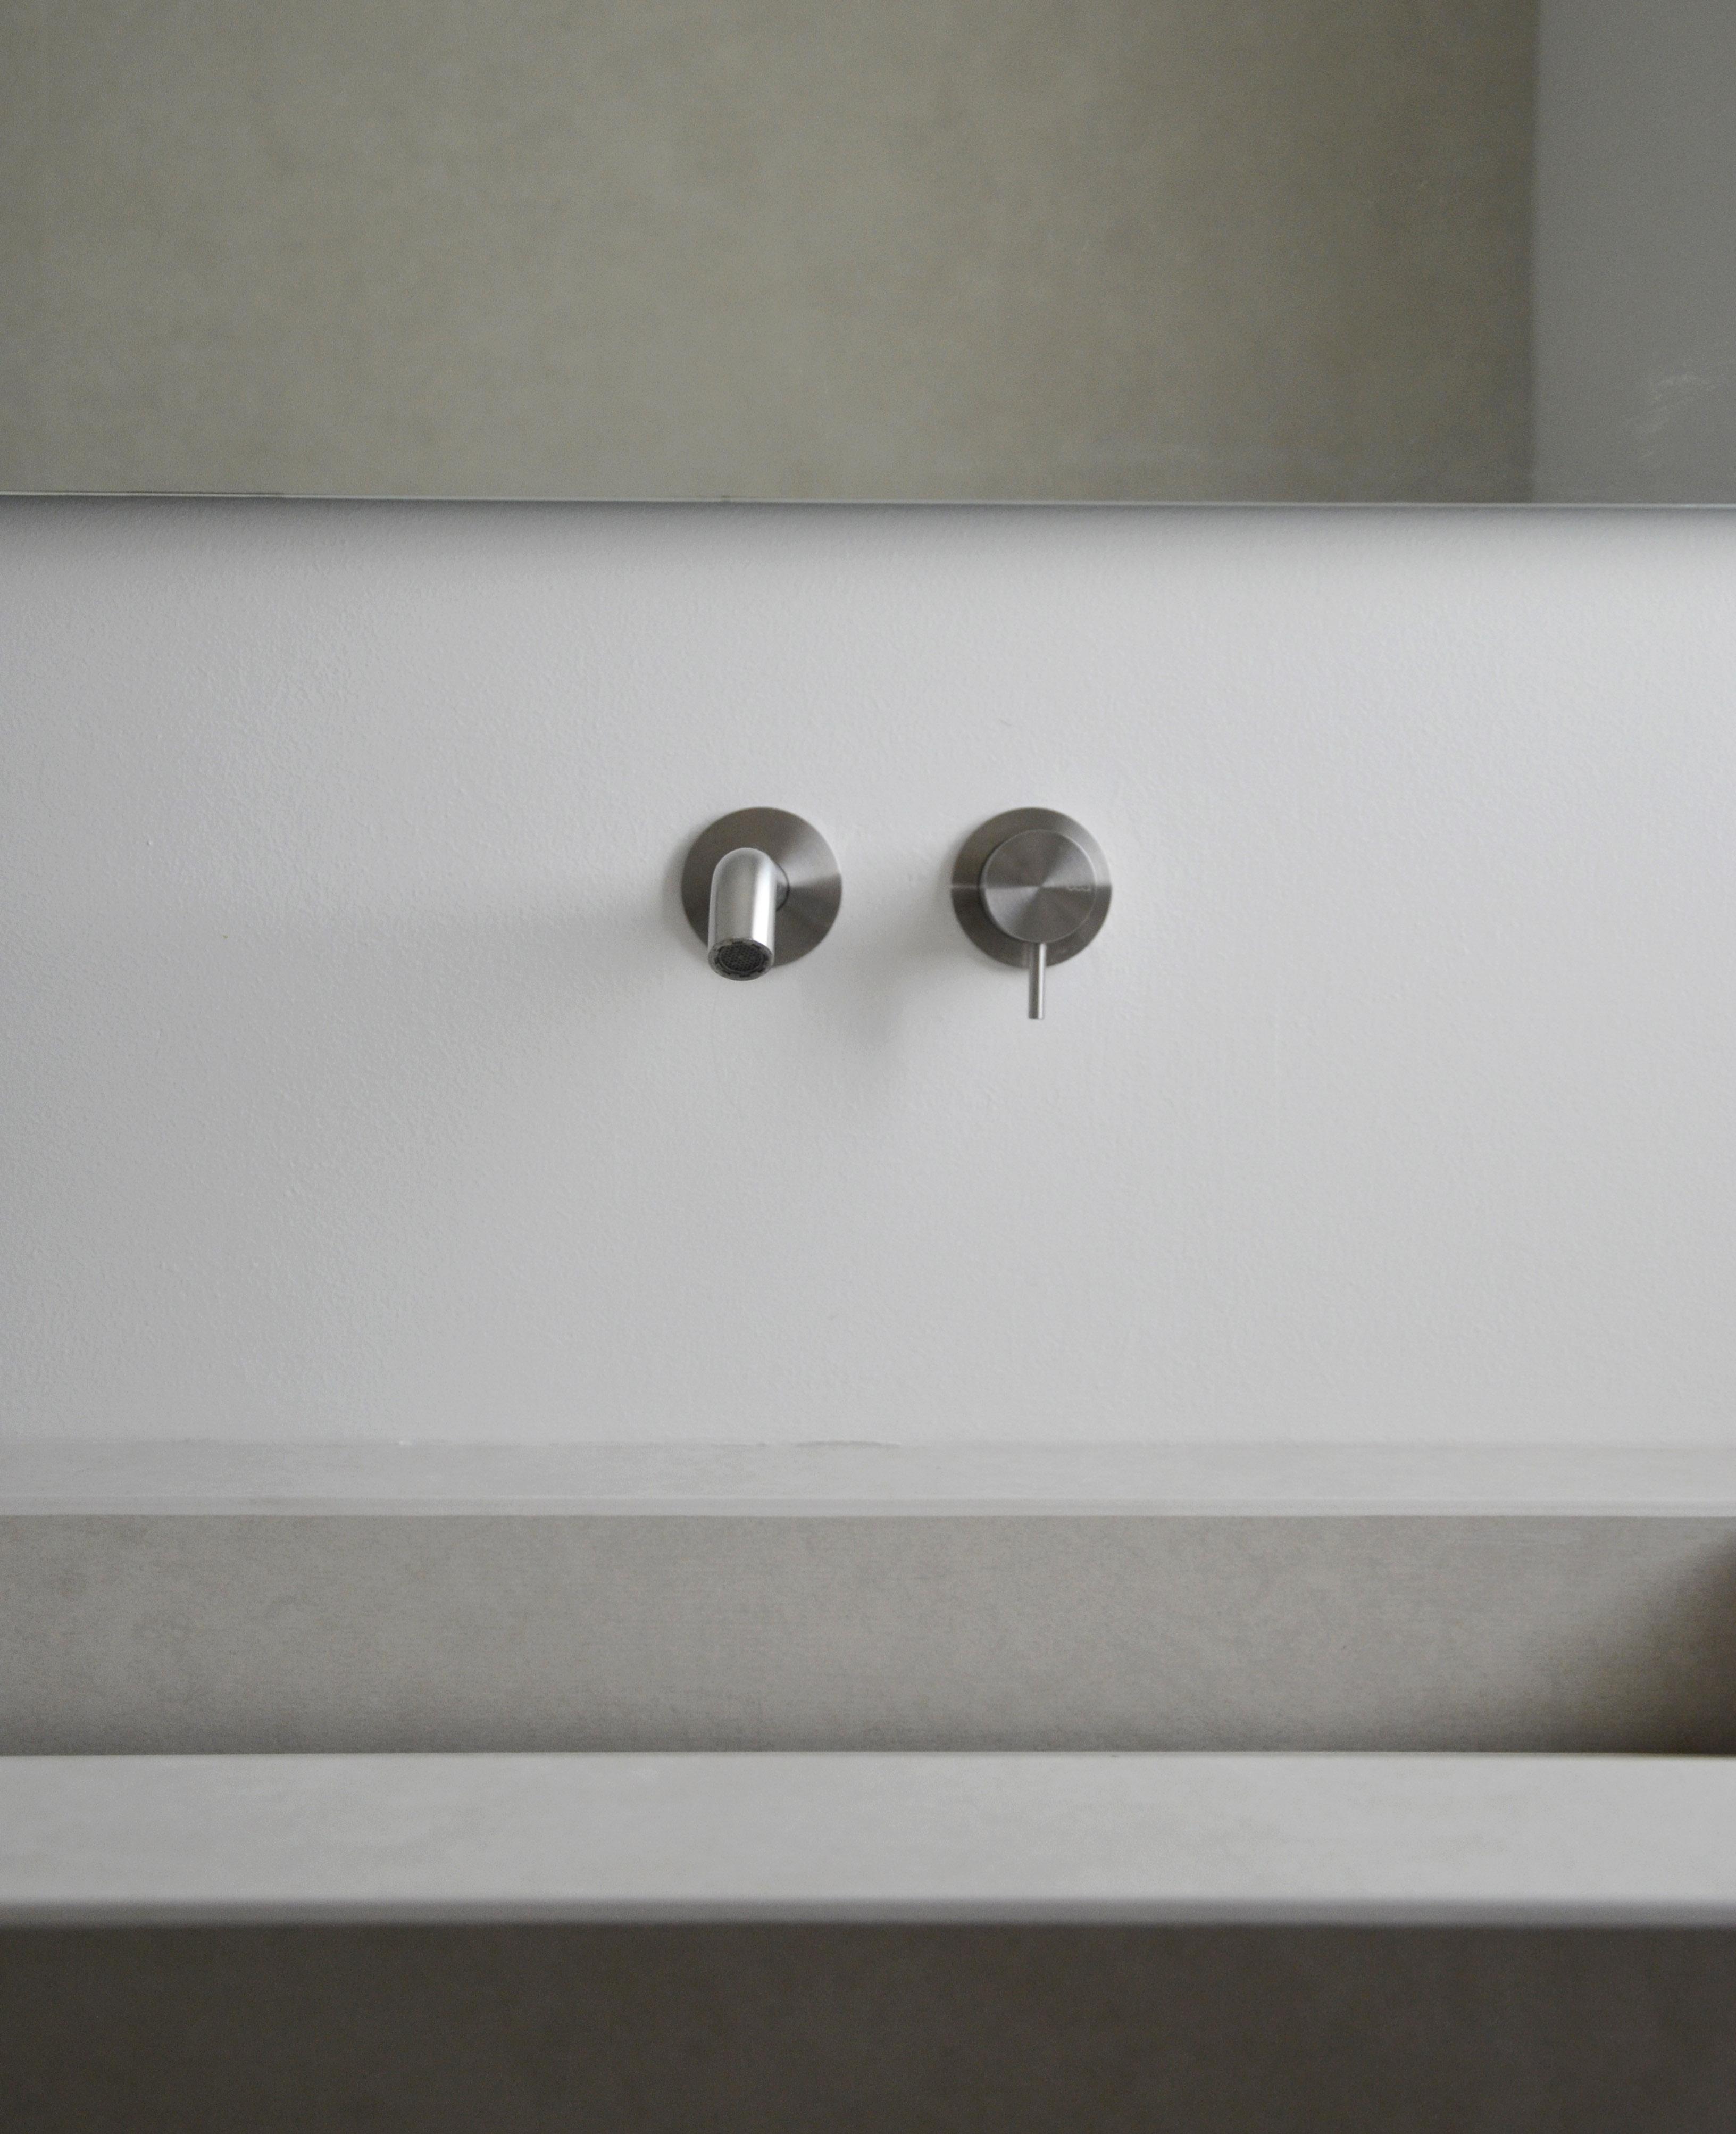 casa MB SR. dettaglio della rubinetteria della CEA.